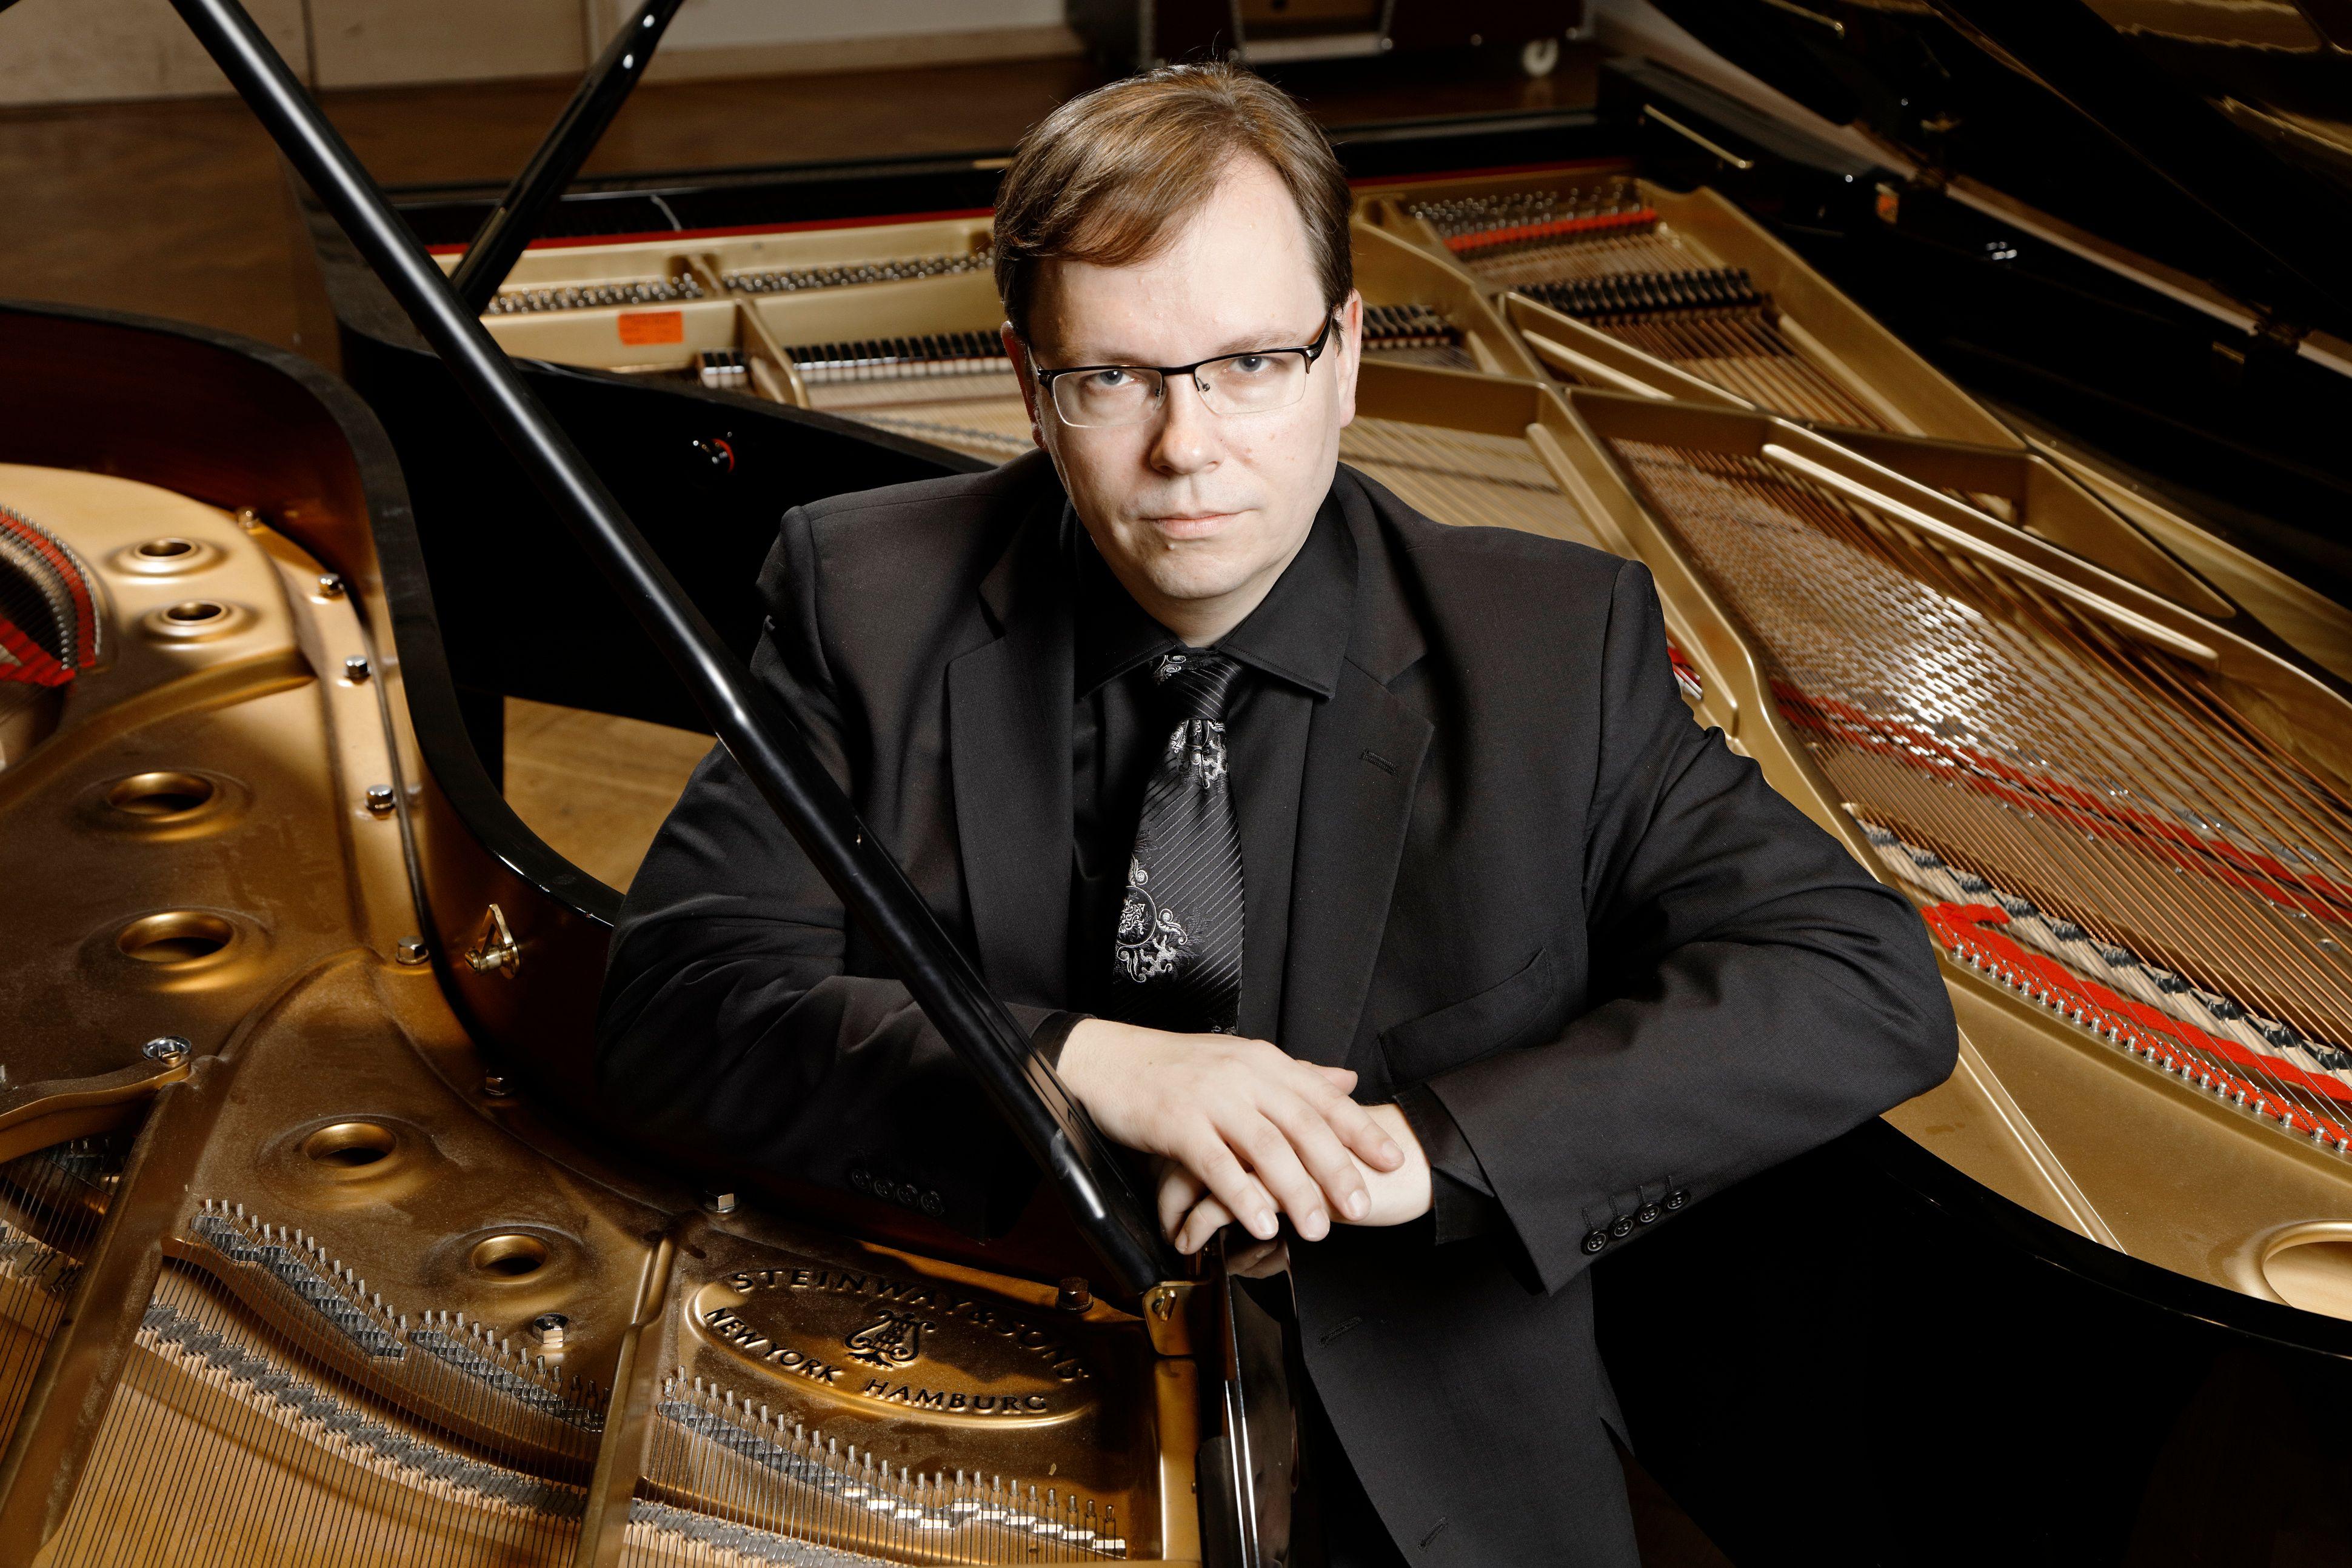 Pianisti Risto-Matti Marinin Beethovenin juurilla -konsertti Kangasala-talossa torstaina 4.2.2021 kello 19 toteutuu ilman yleisöä koronarajoitusten jatkumisen vuoksi.